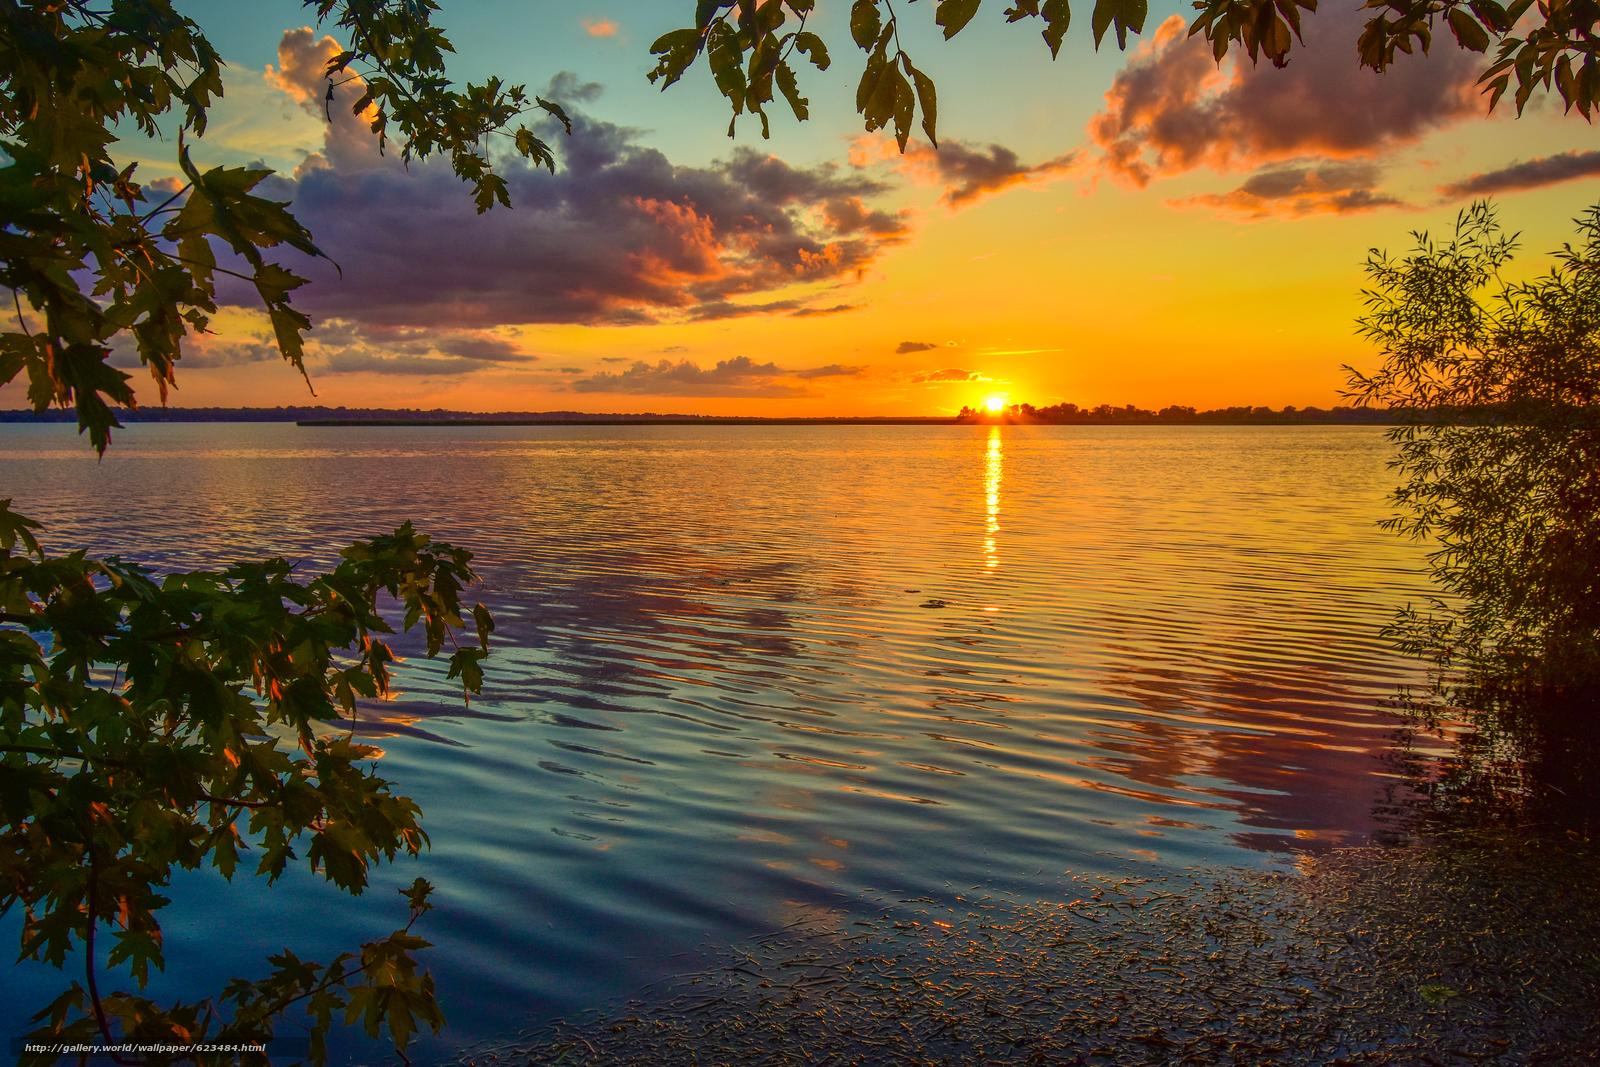 lake, sunset, trees